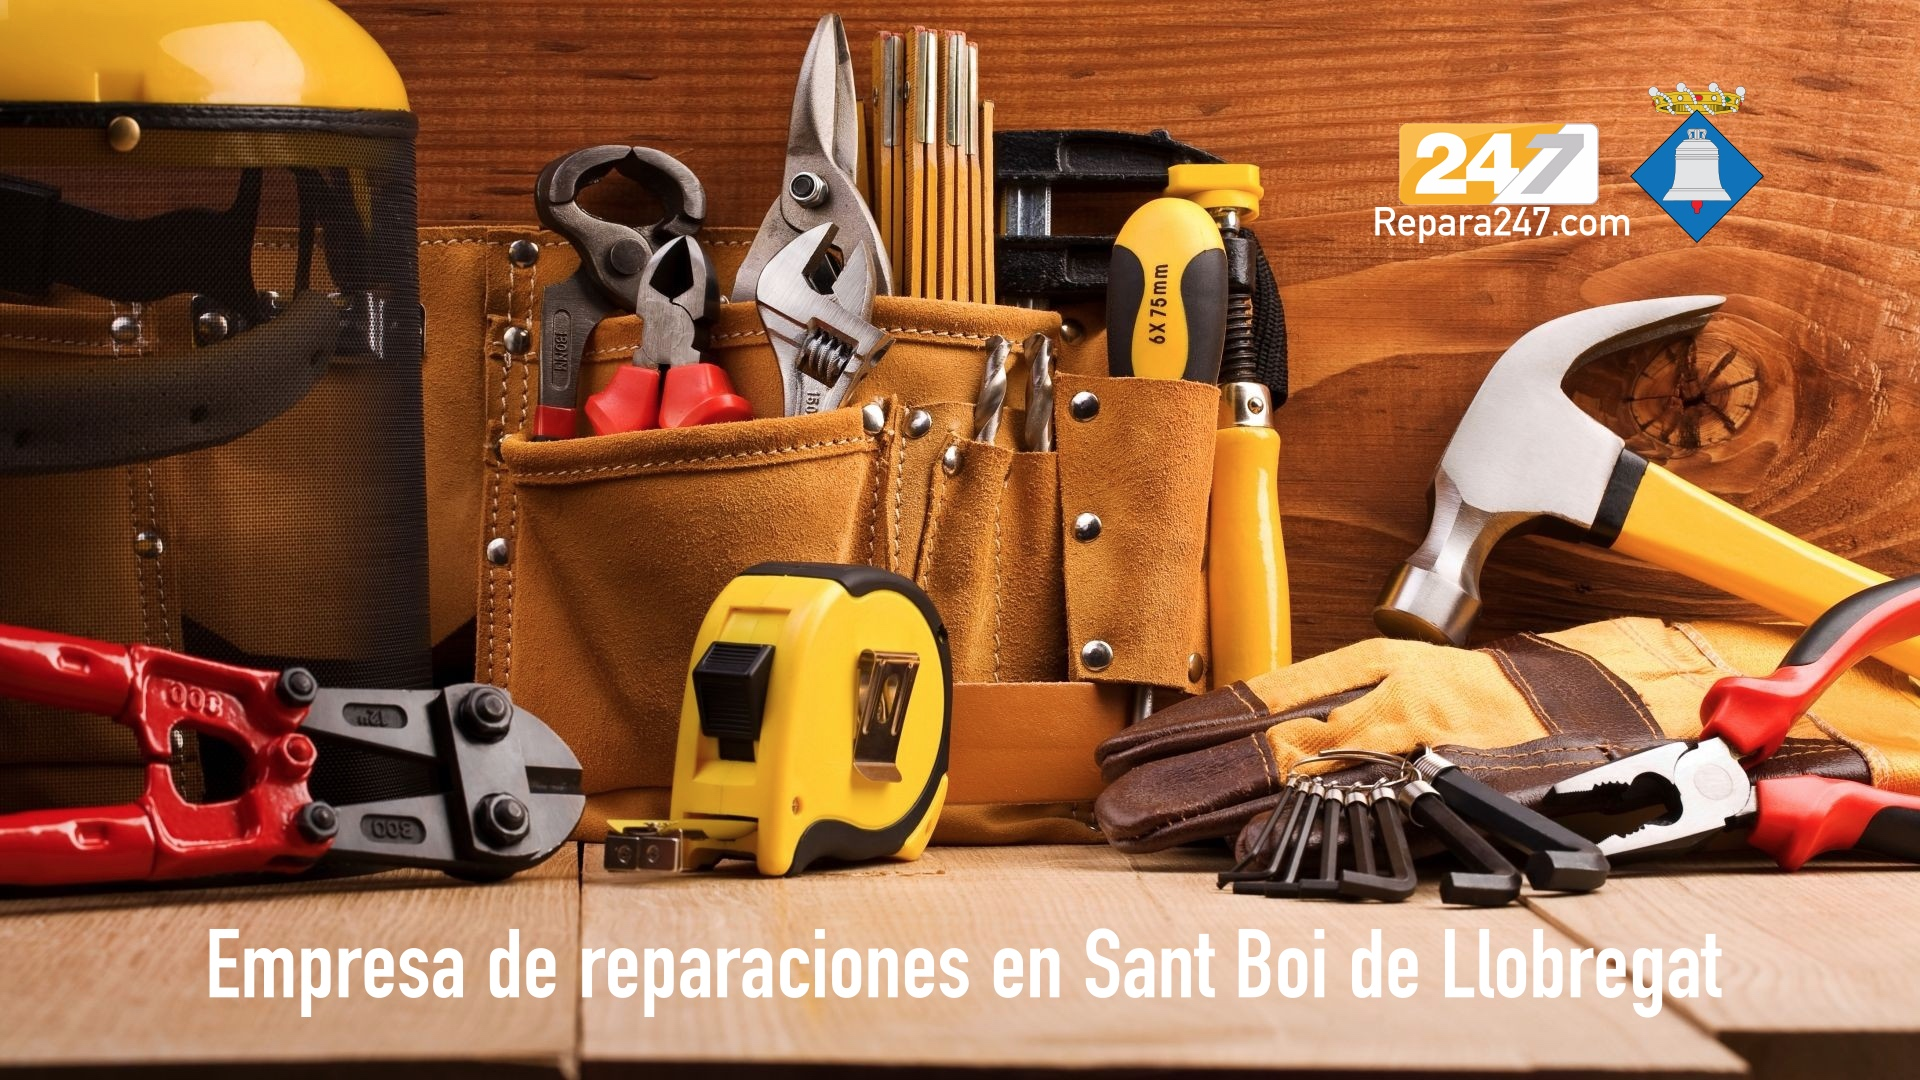 Empresa de reparaciones en Sant Boi de Llobregat